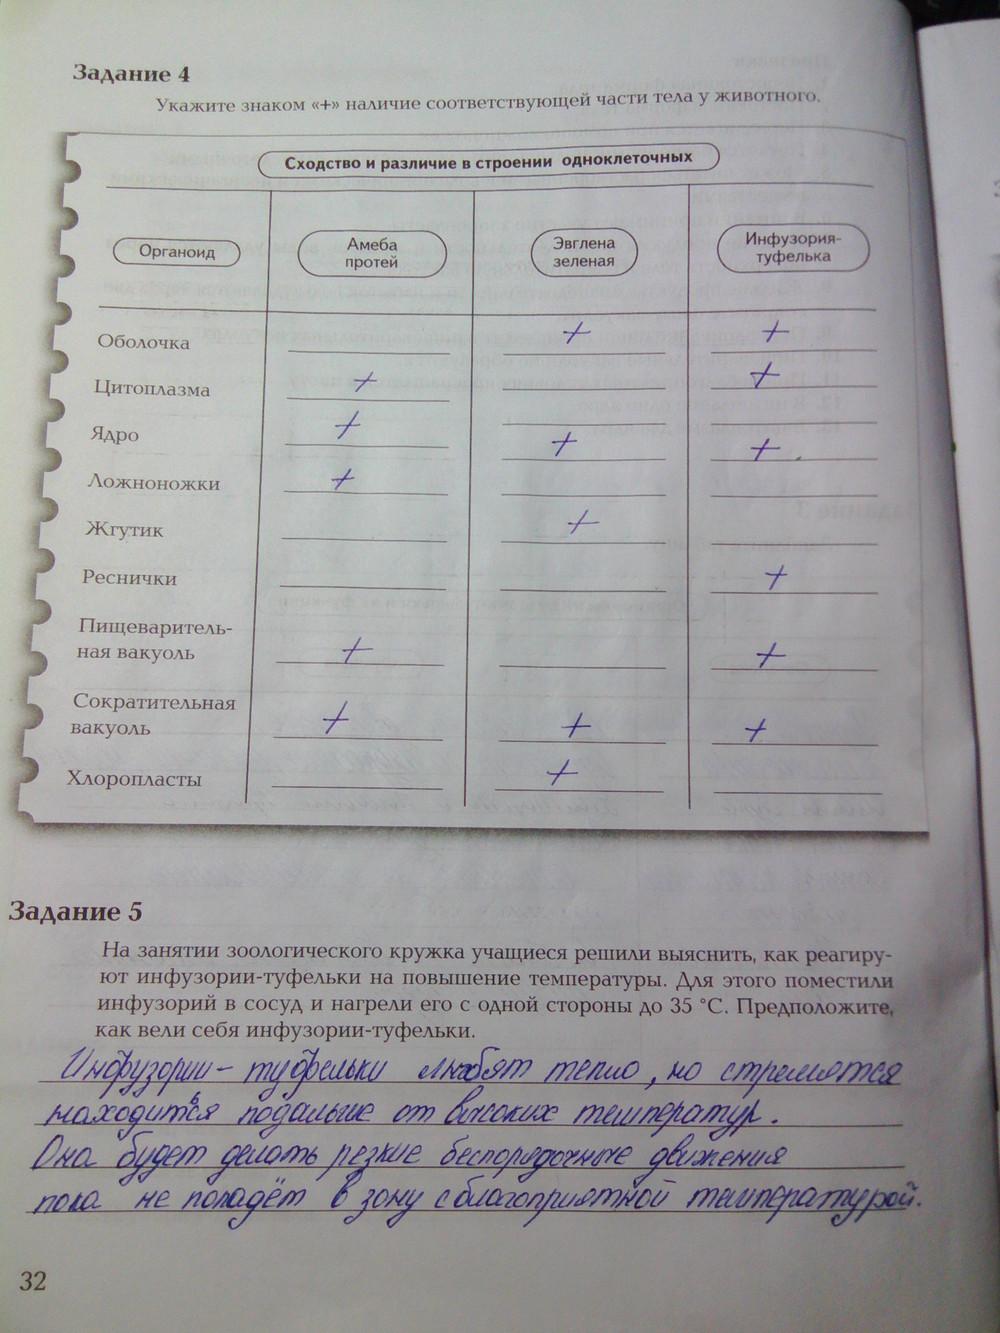 Гдз биология 7 класс рабочая тетрадь. с.в.суматохин 2 часть